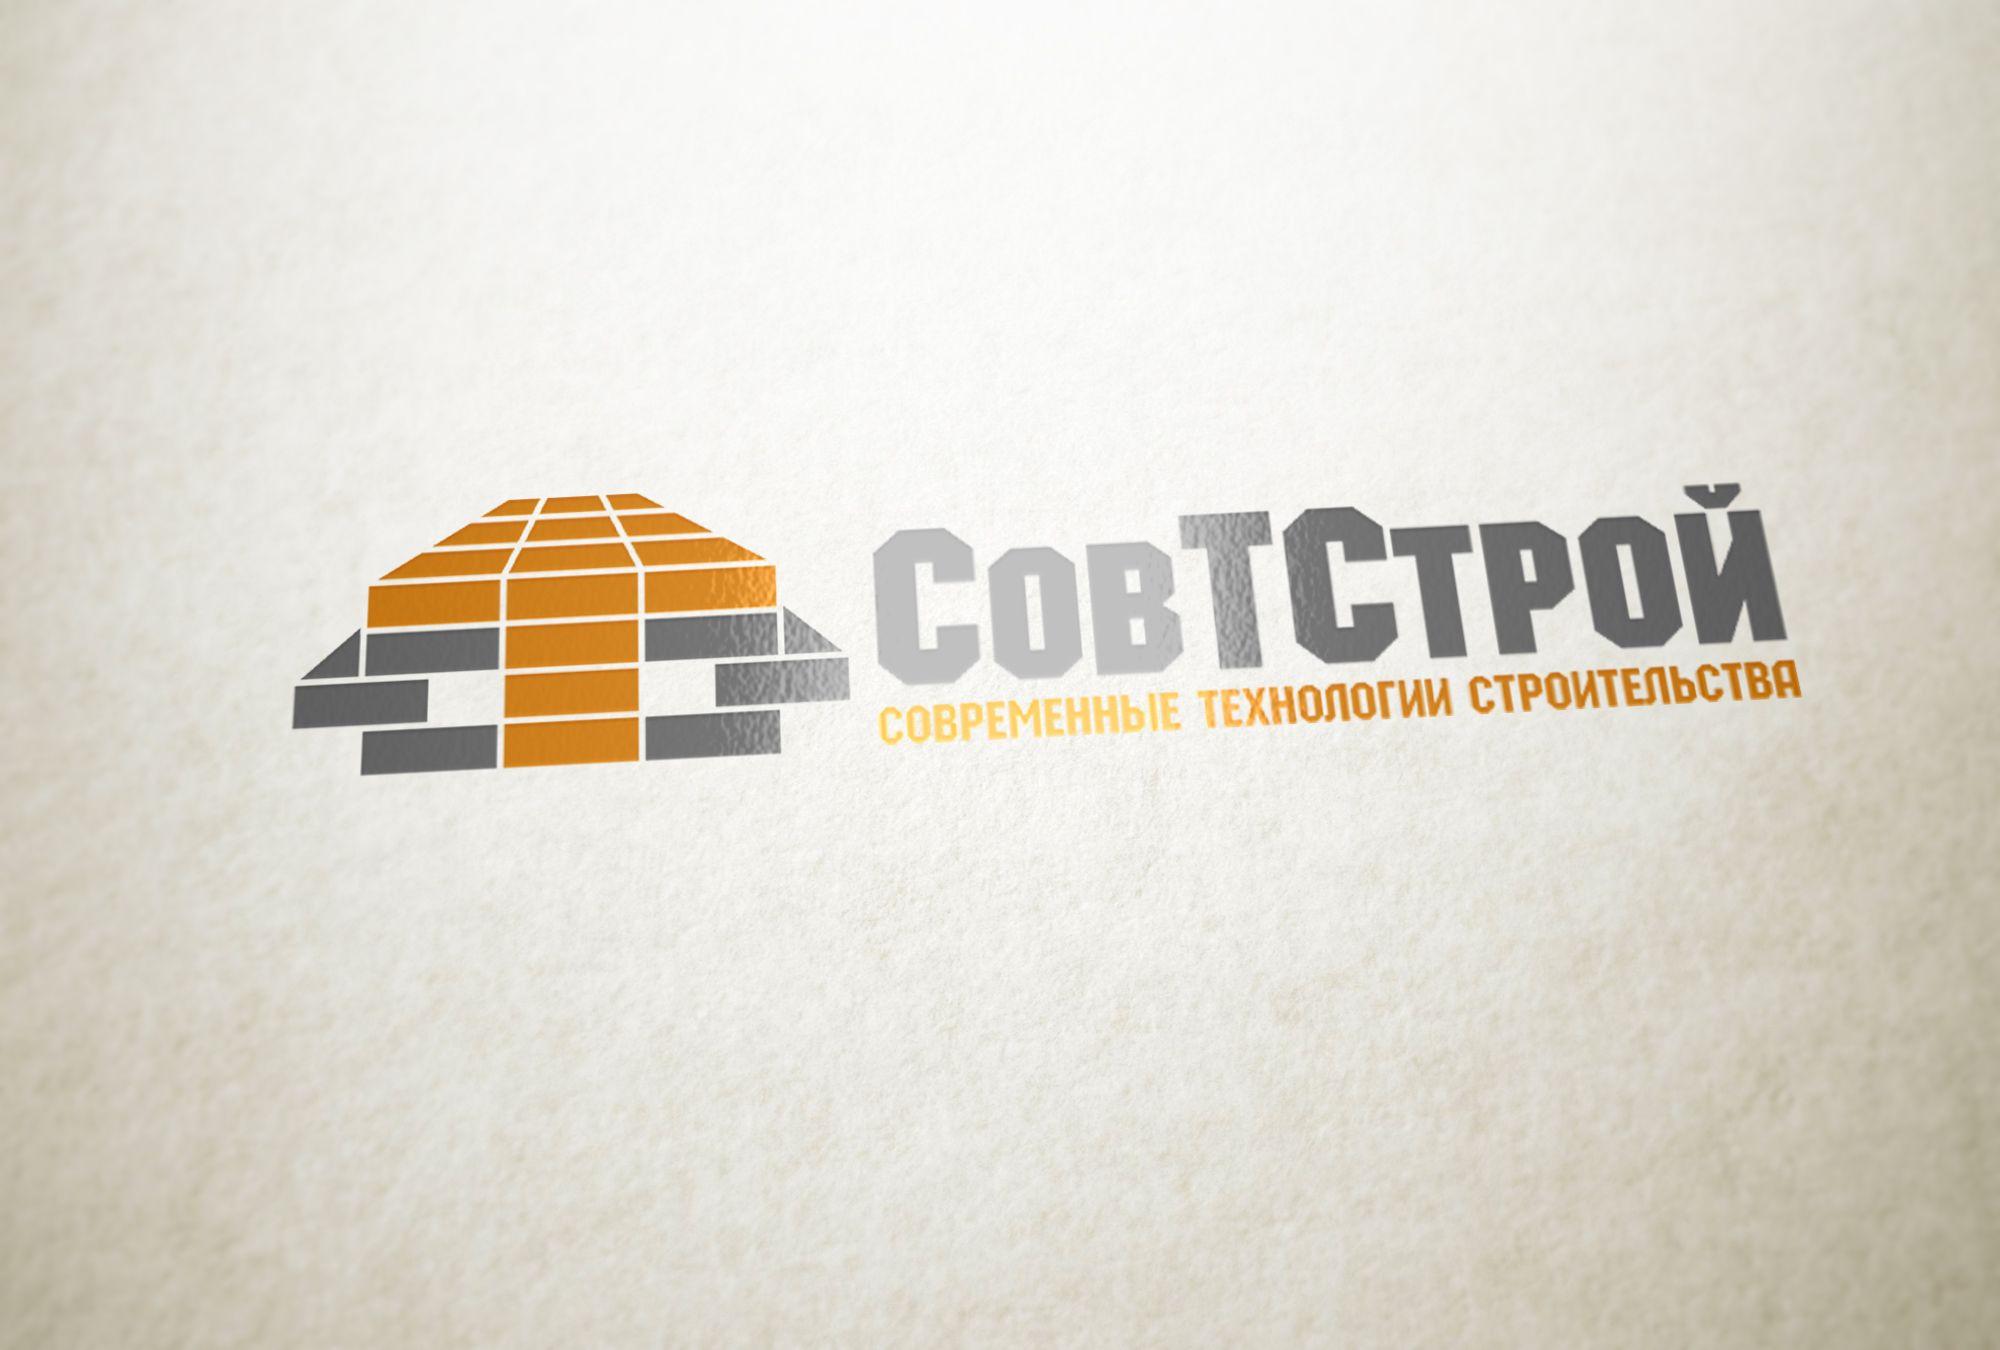 Логотип для поставщика строительных материалов - дизайнер Wou1ter